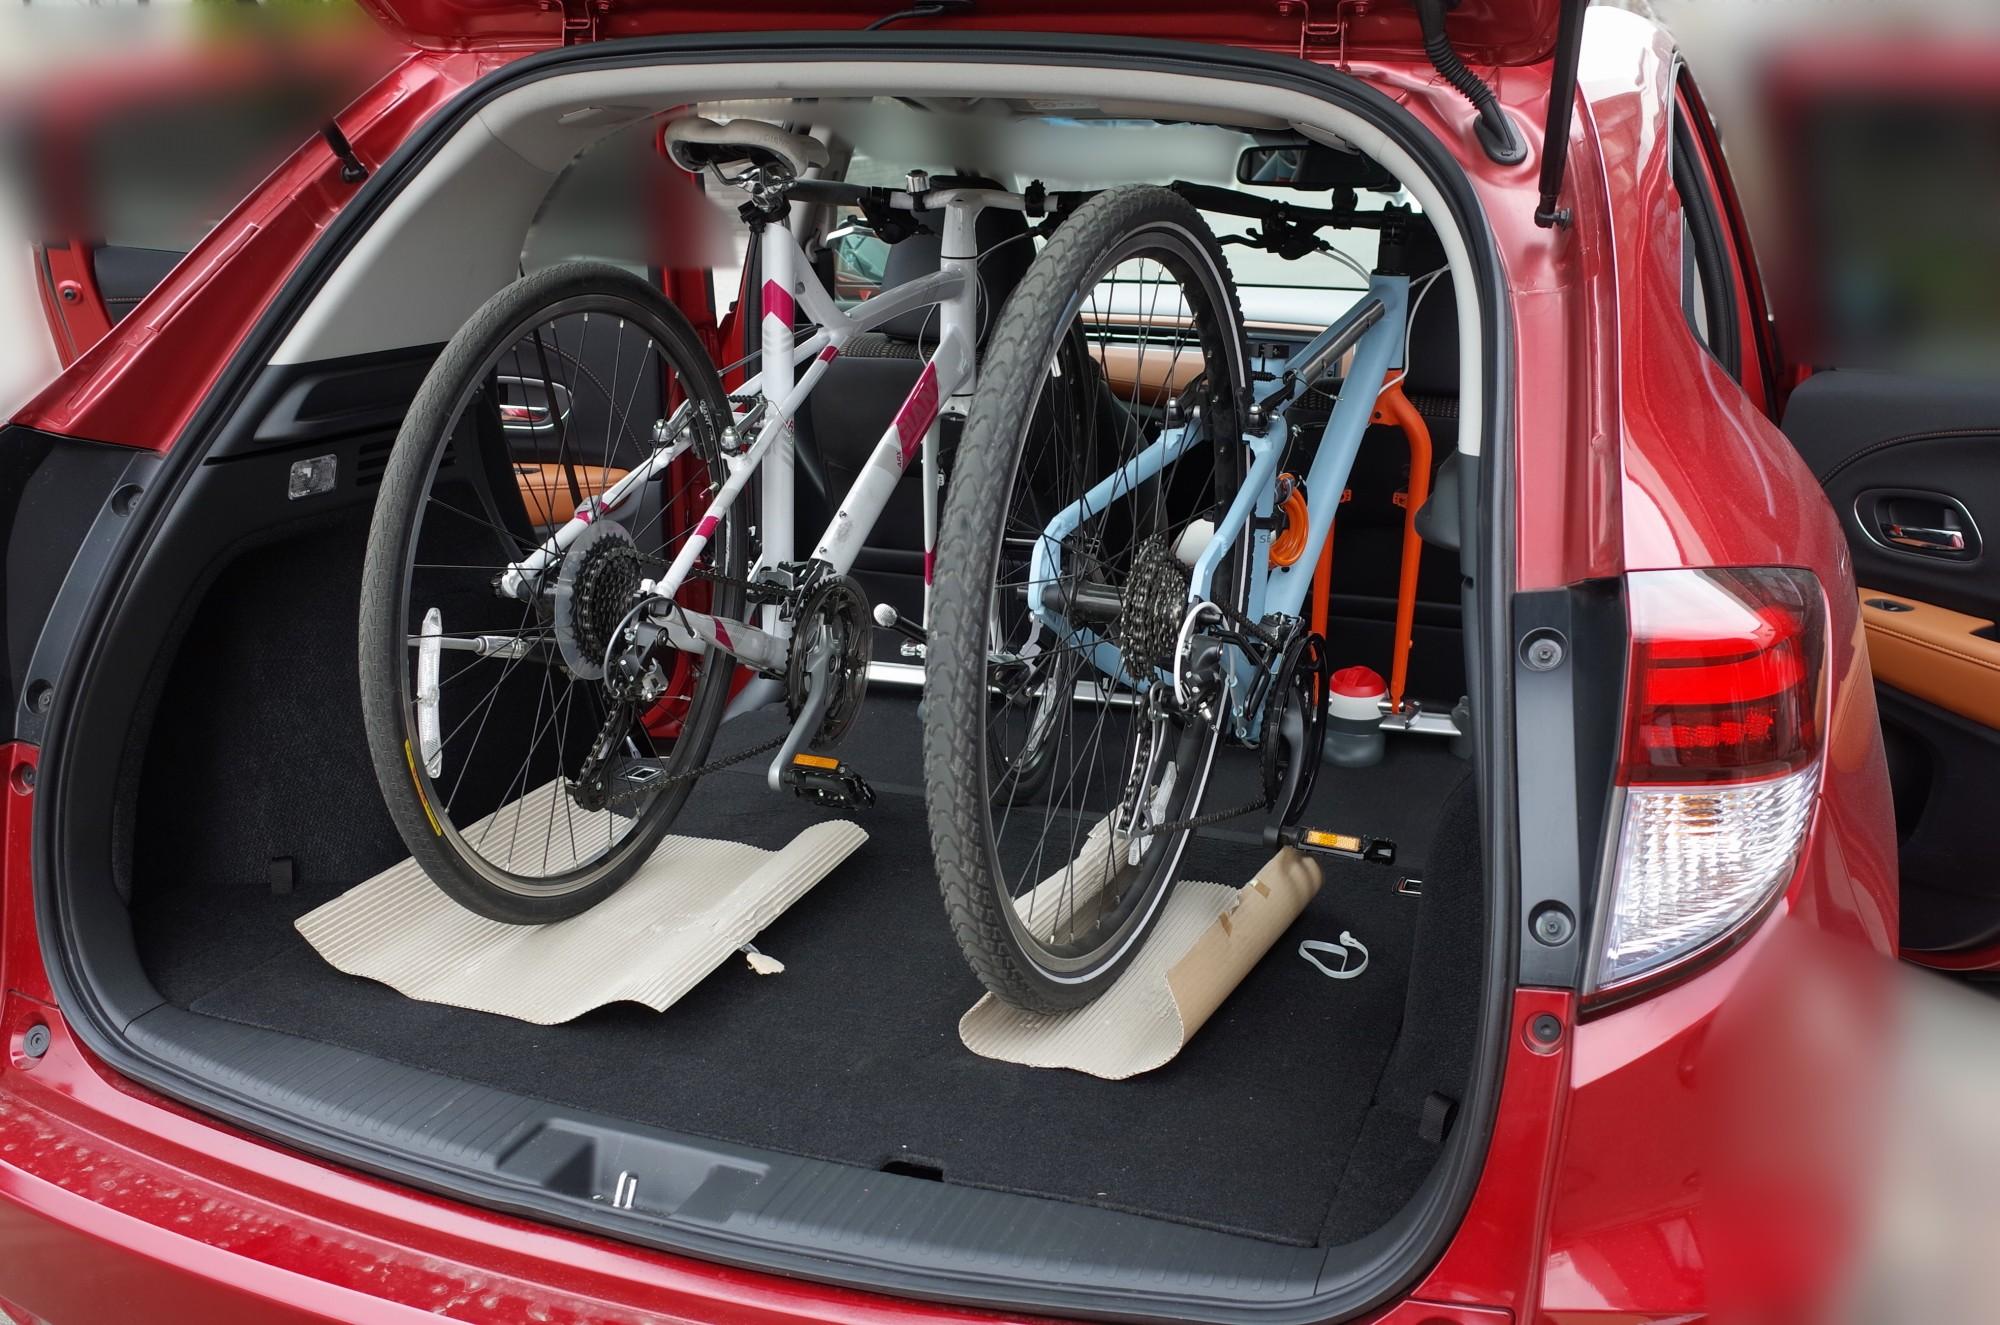 マイバイクを旅先へ。自転車2台を車載するミノウラVERGO-TF2を600kmテスト。